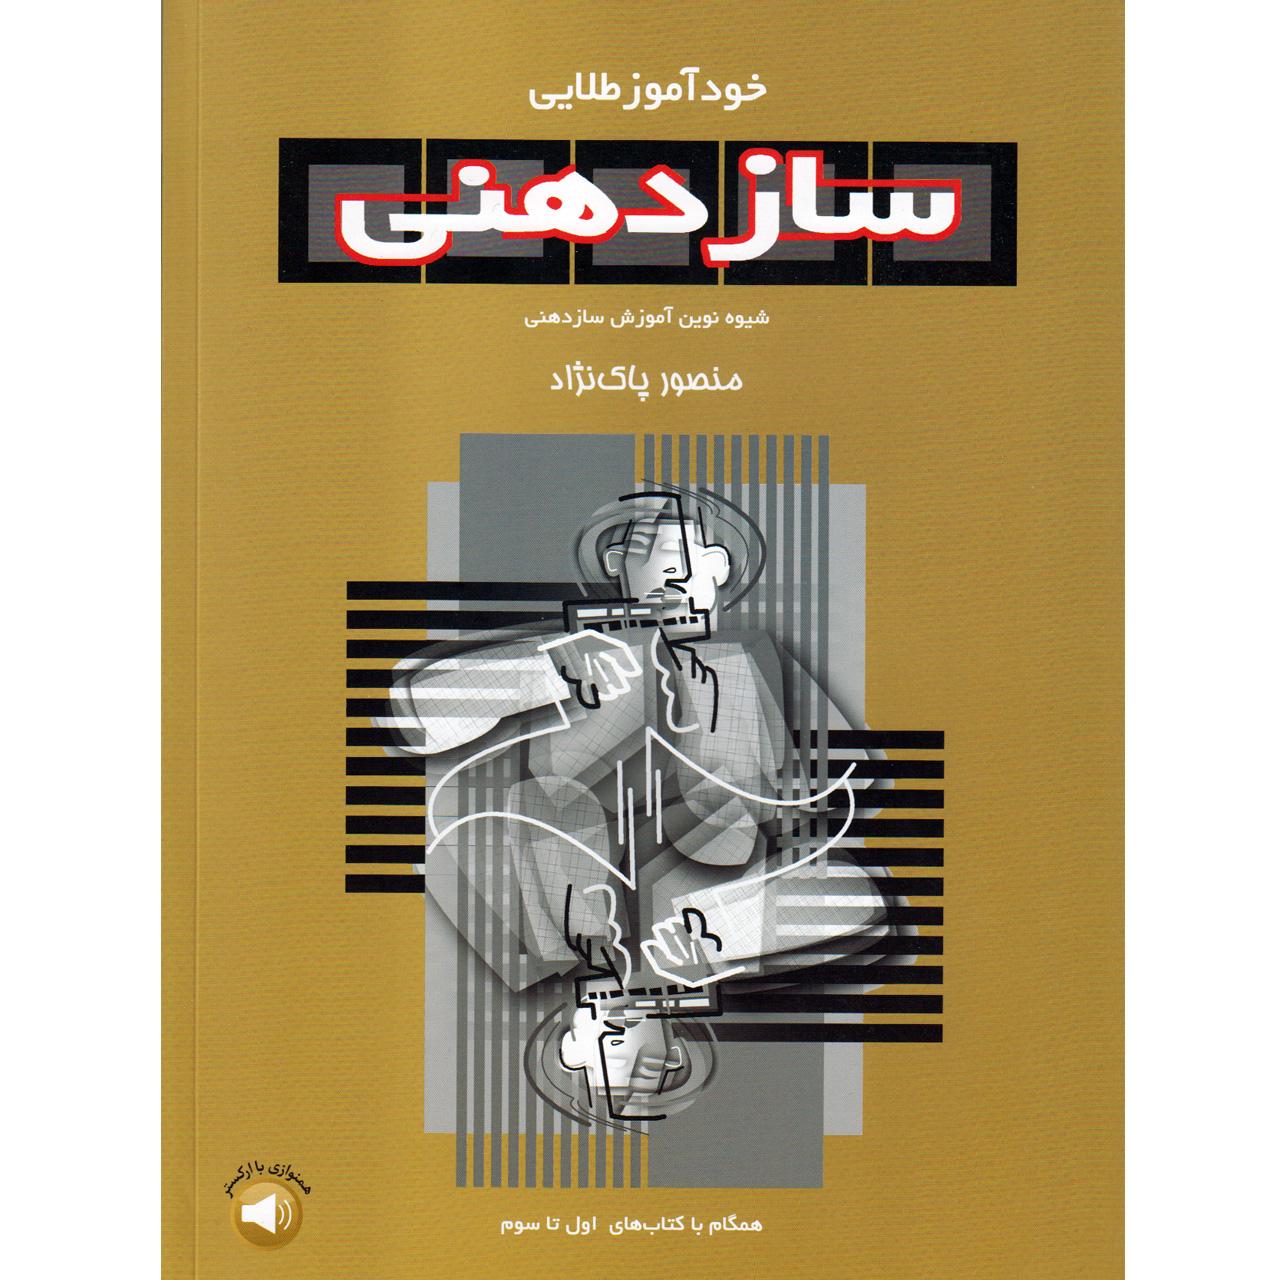 کتاب خودآموز طلایی ساز دهنی اثر منصور پاک نژاد نشر سرود